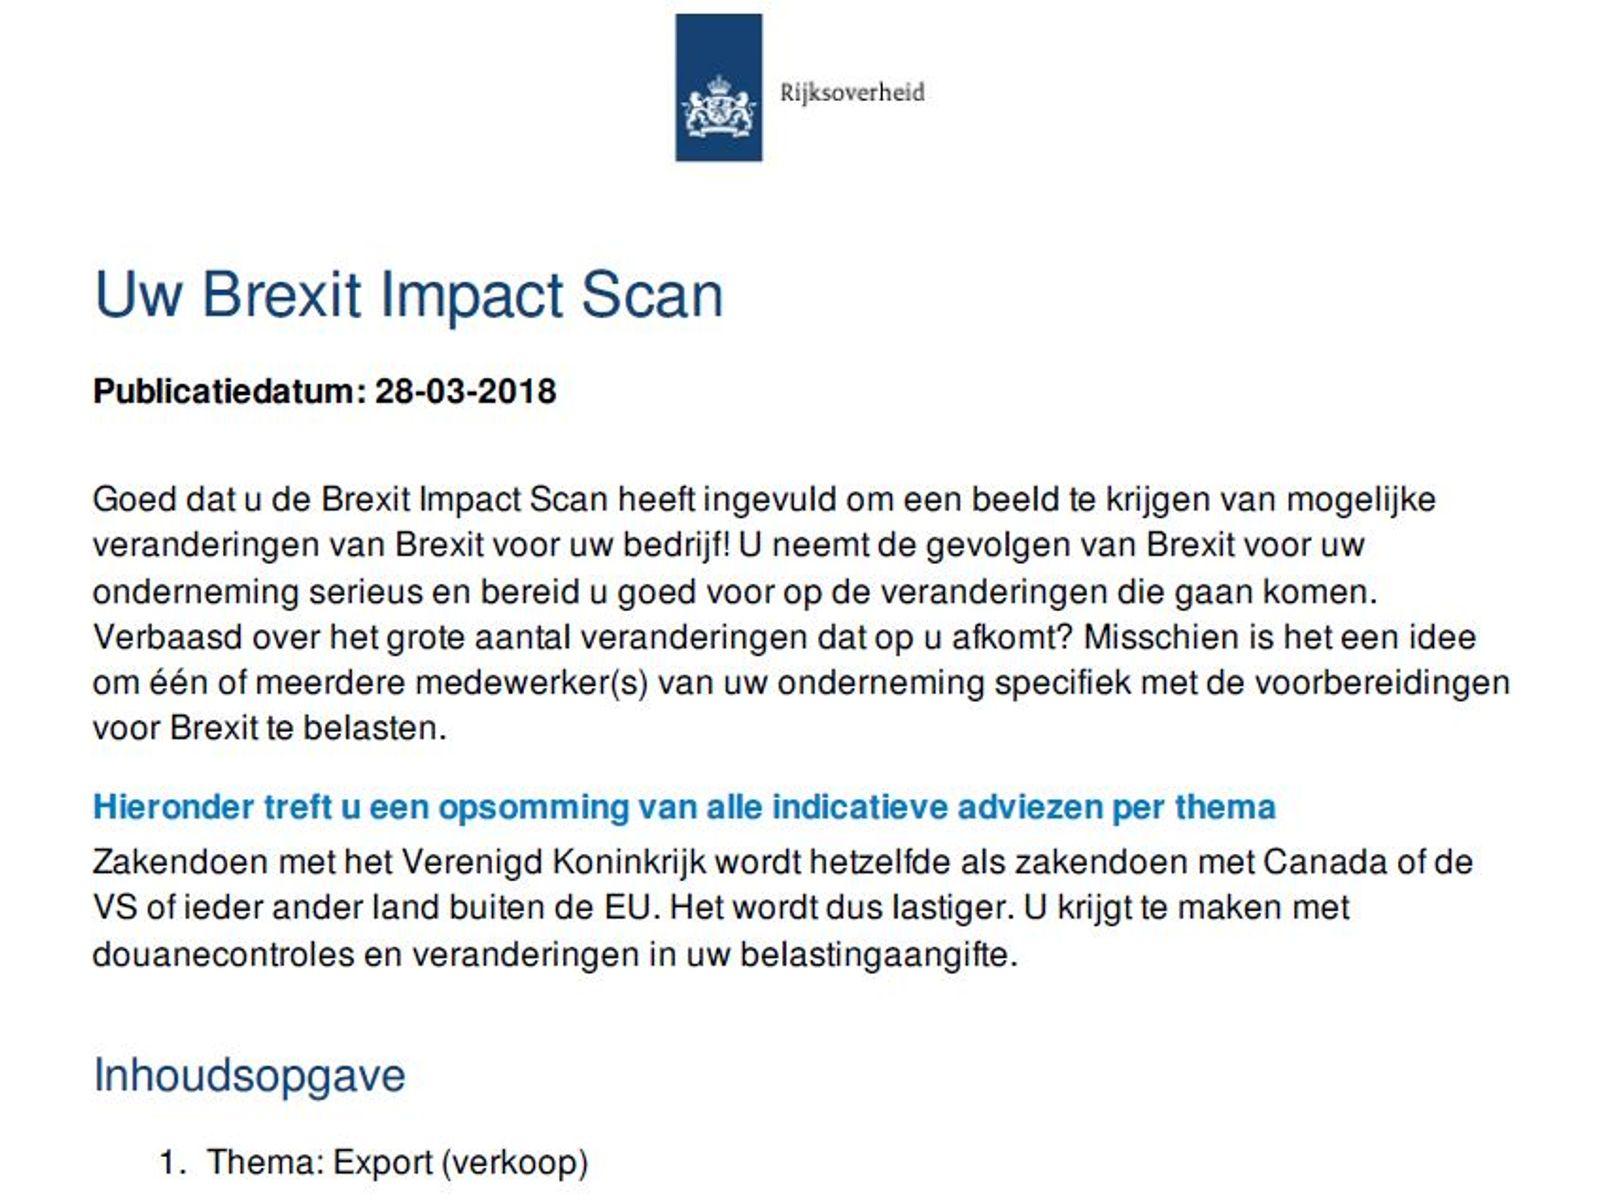 skynews-dutch-brexit-eu_4328924.jpg?bypass-service-worker&20180605185718